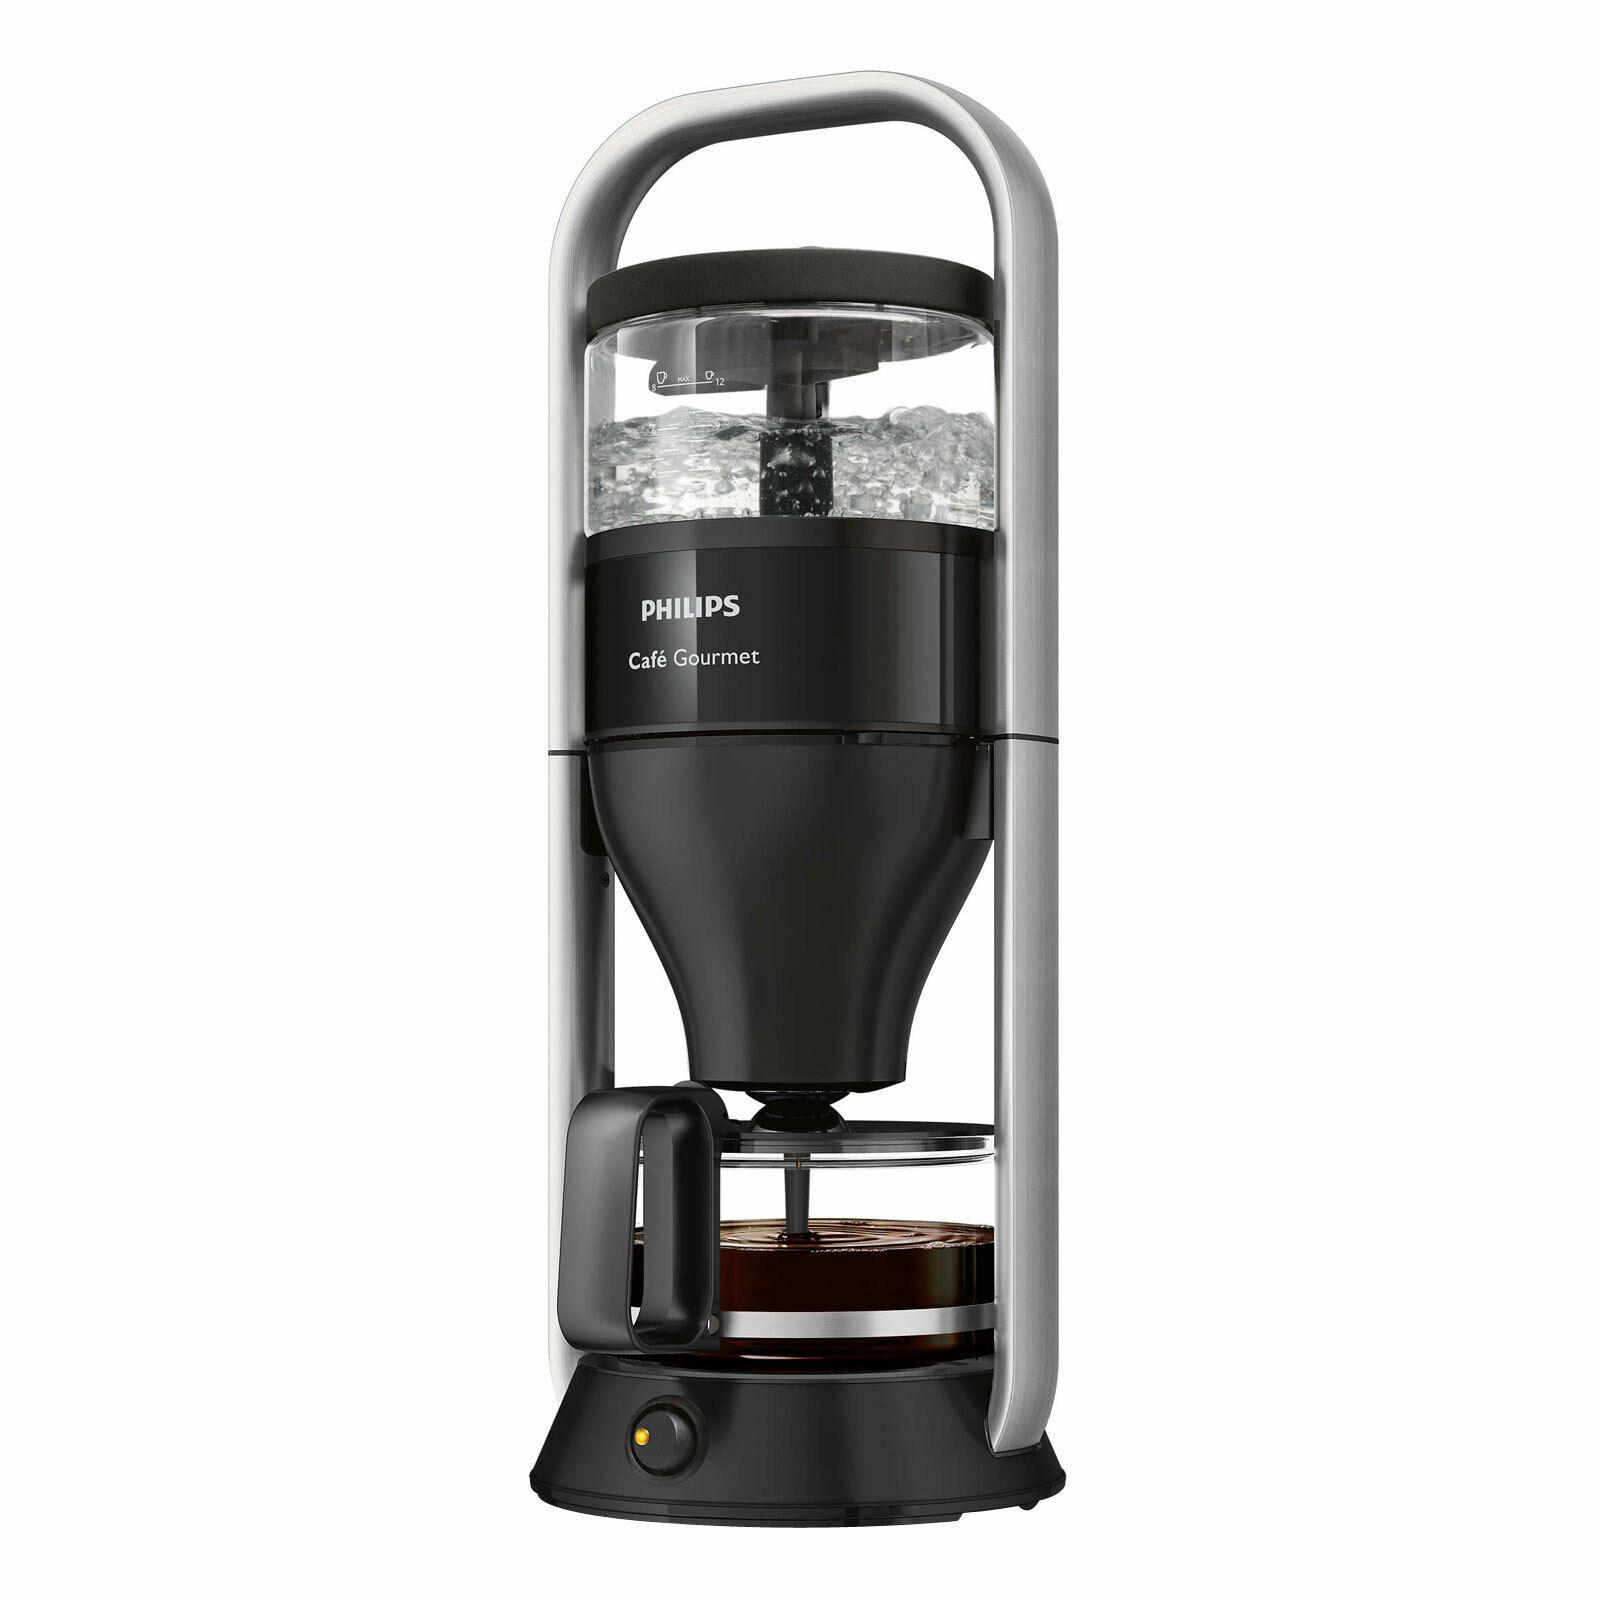 Philips HD 5408/60 Café Gourmet Kaffeemaschine Filterkaffeemaschine